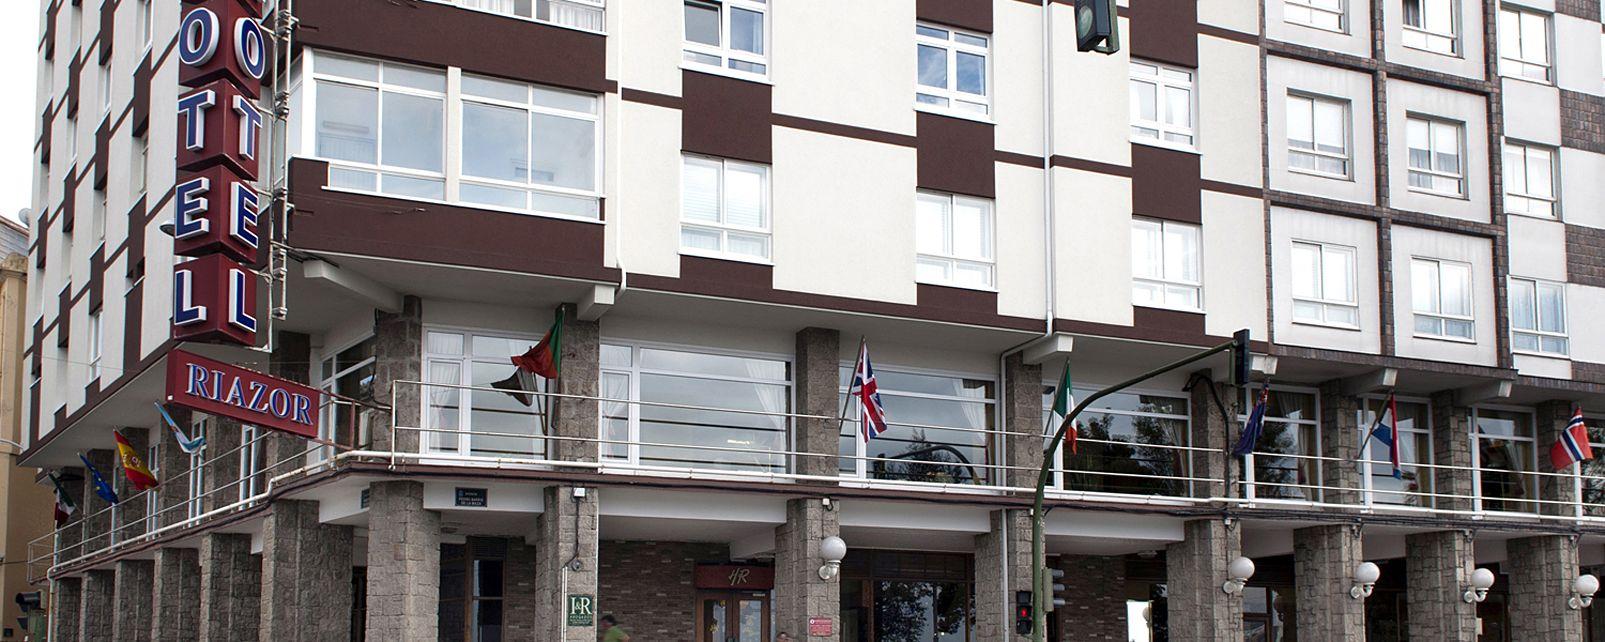 Hôtel Riazor